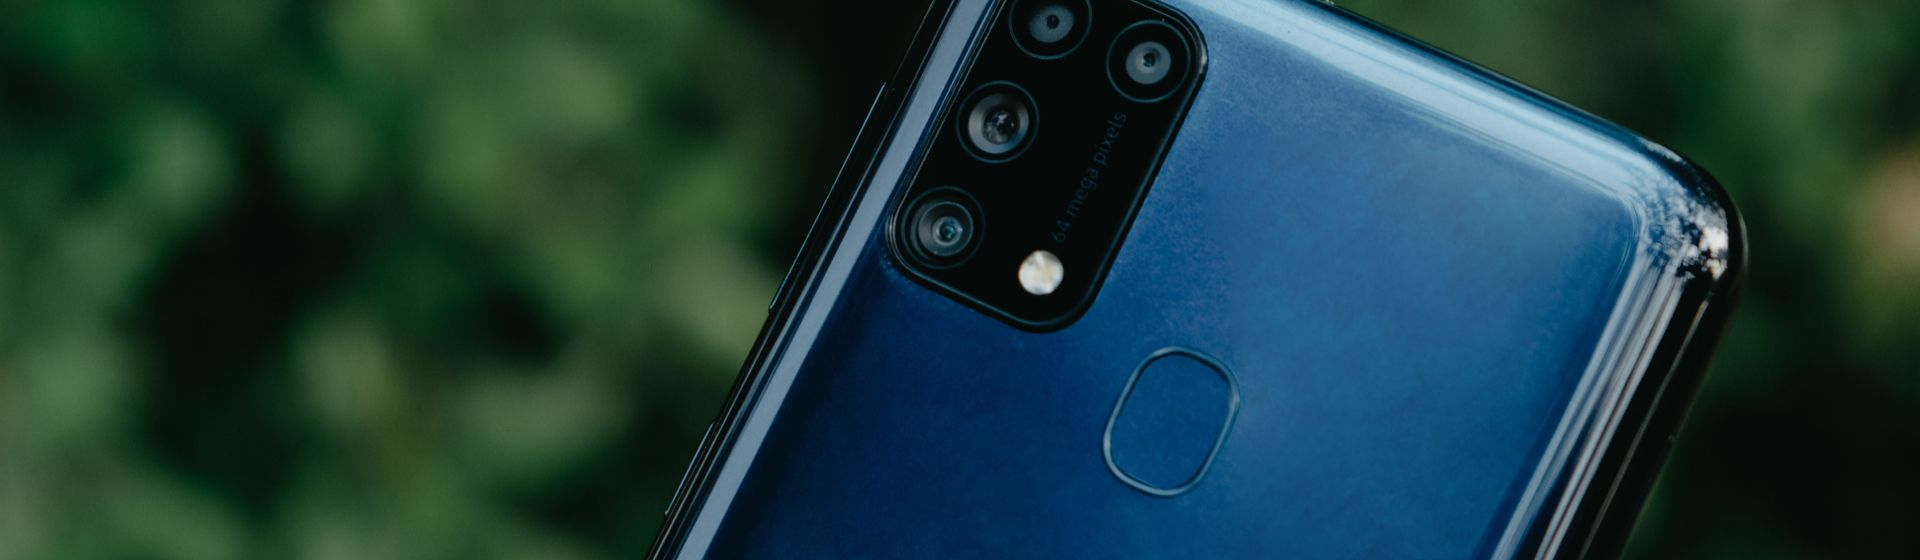 Galaxy M31: celular Samsung ganha variante com 8 GB de memória RAM